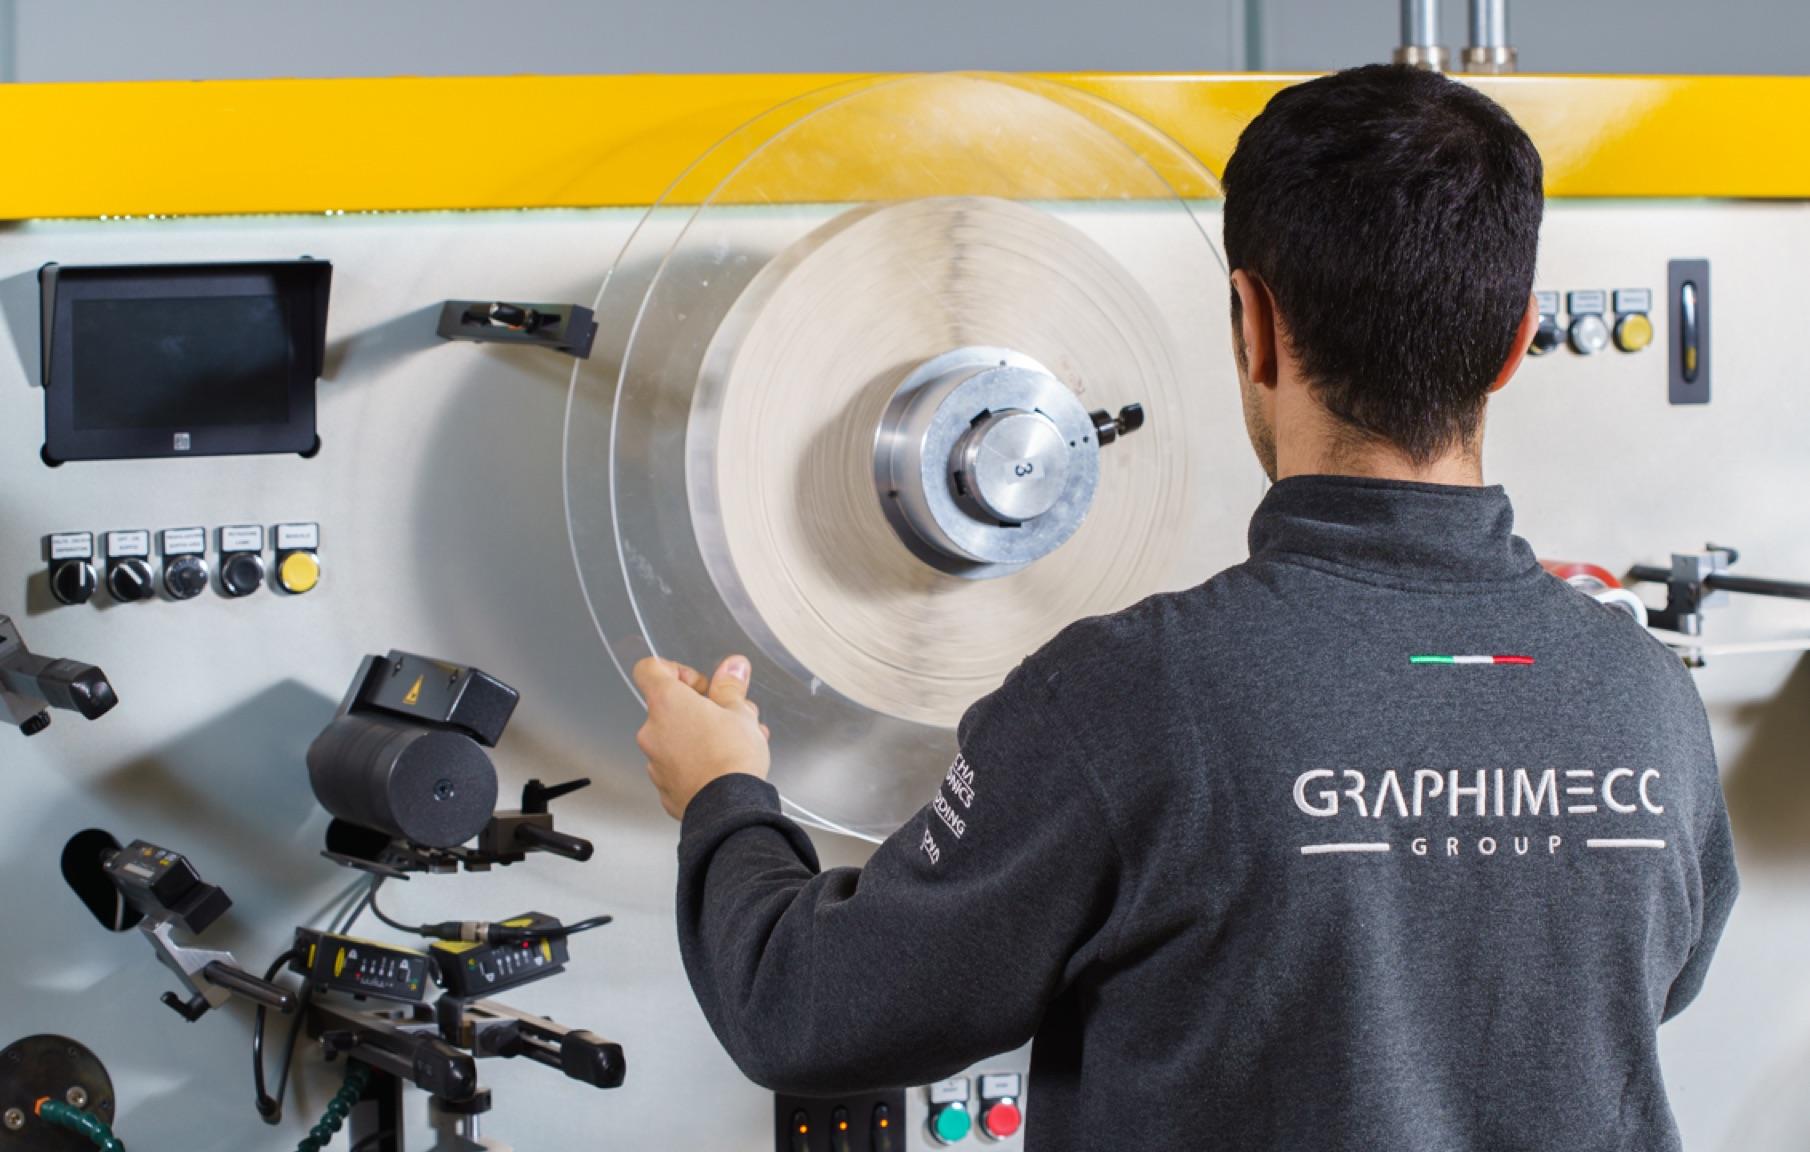 operatore graphimecc impegnato nel cambio di una bobina